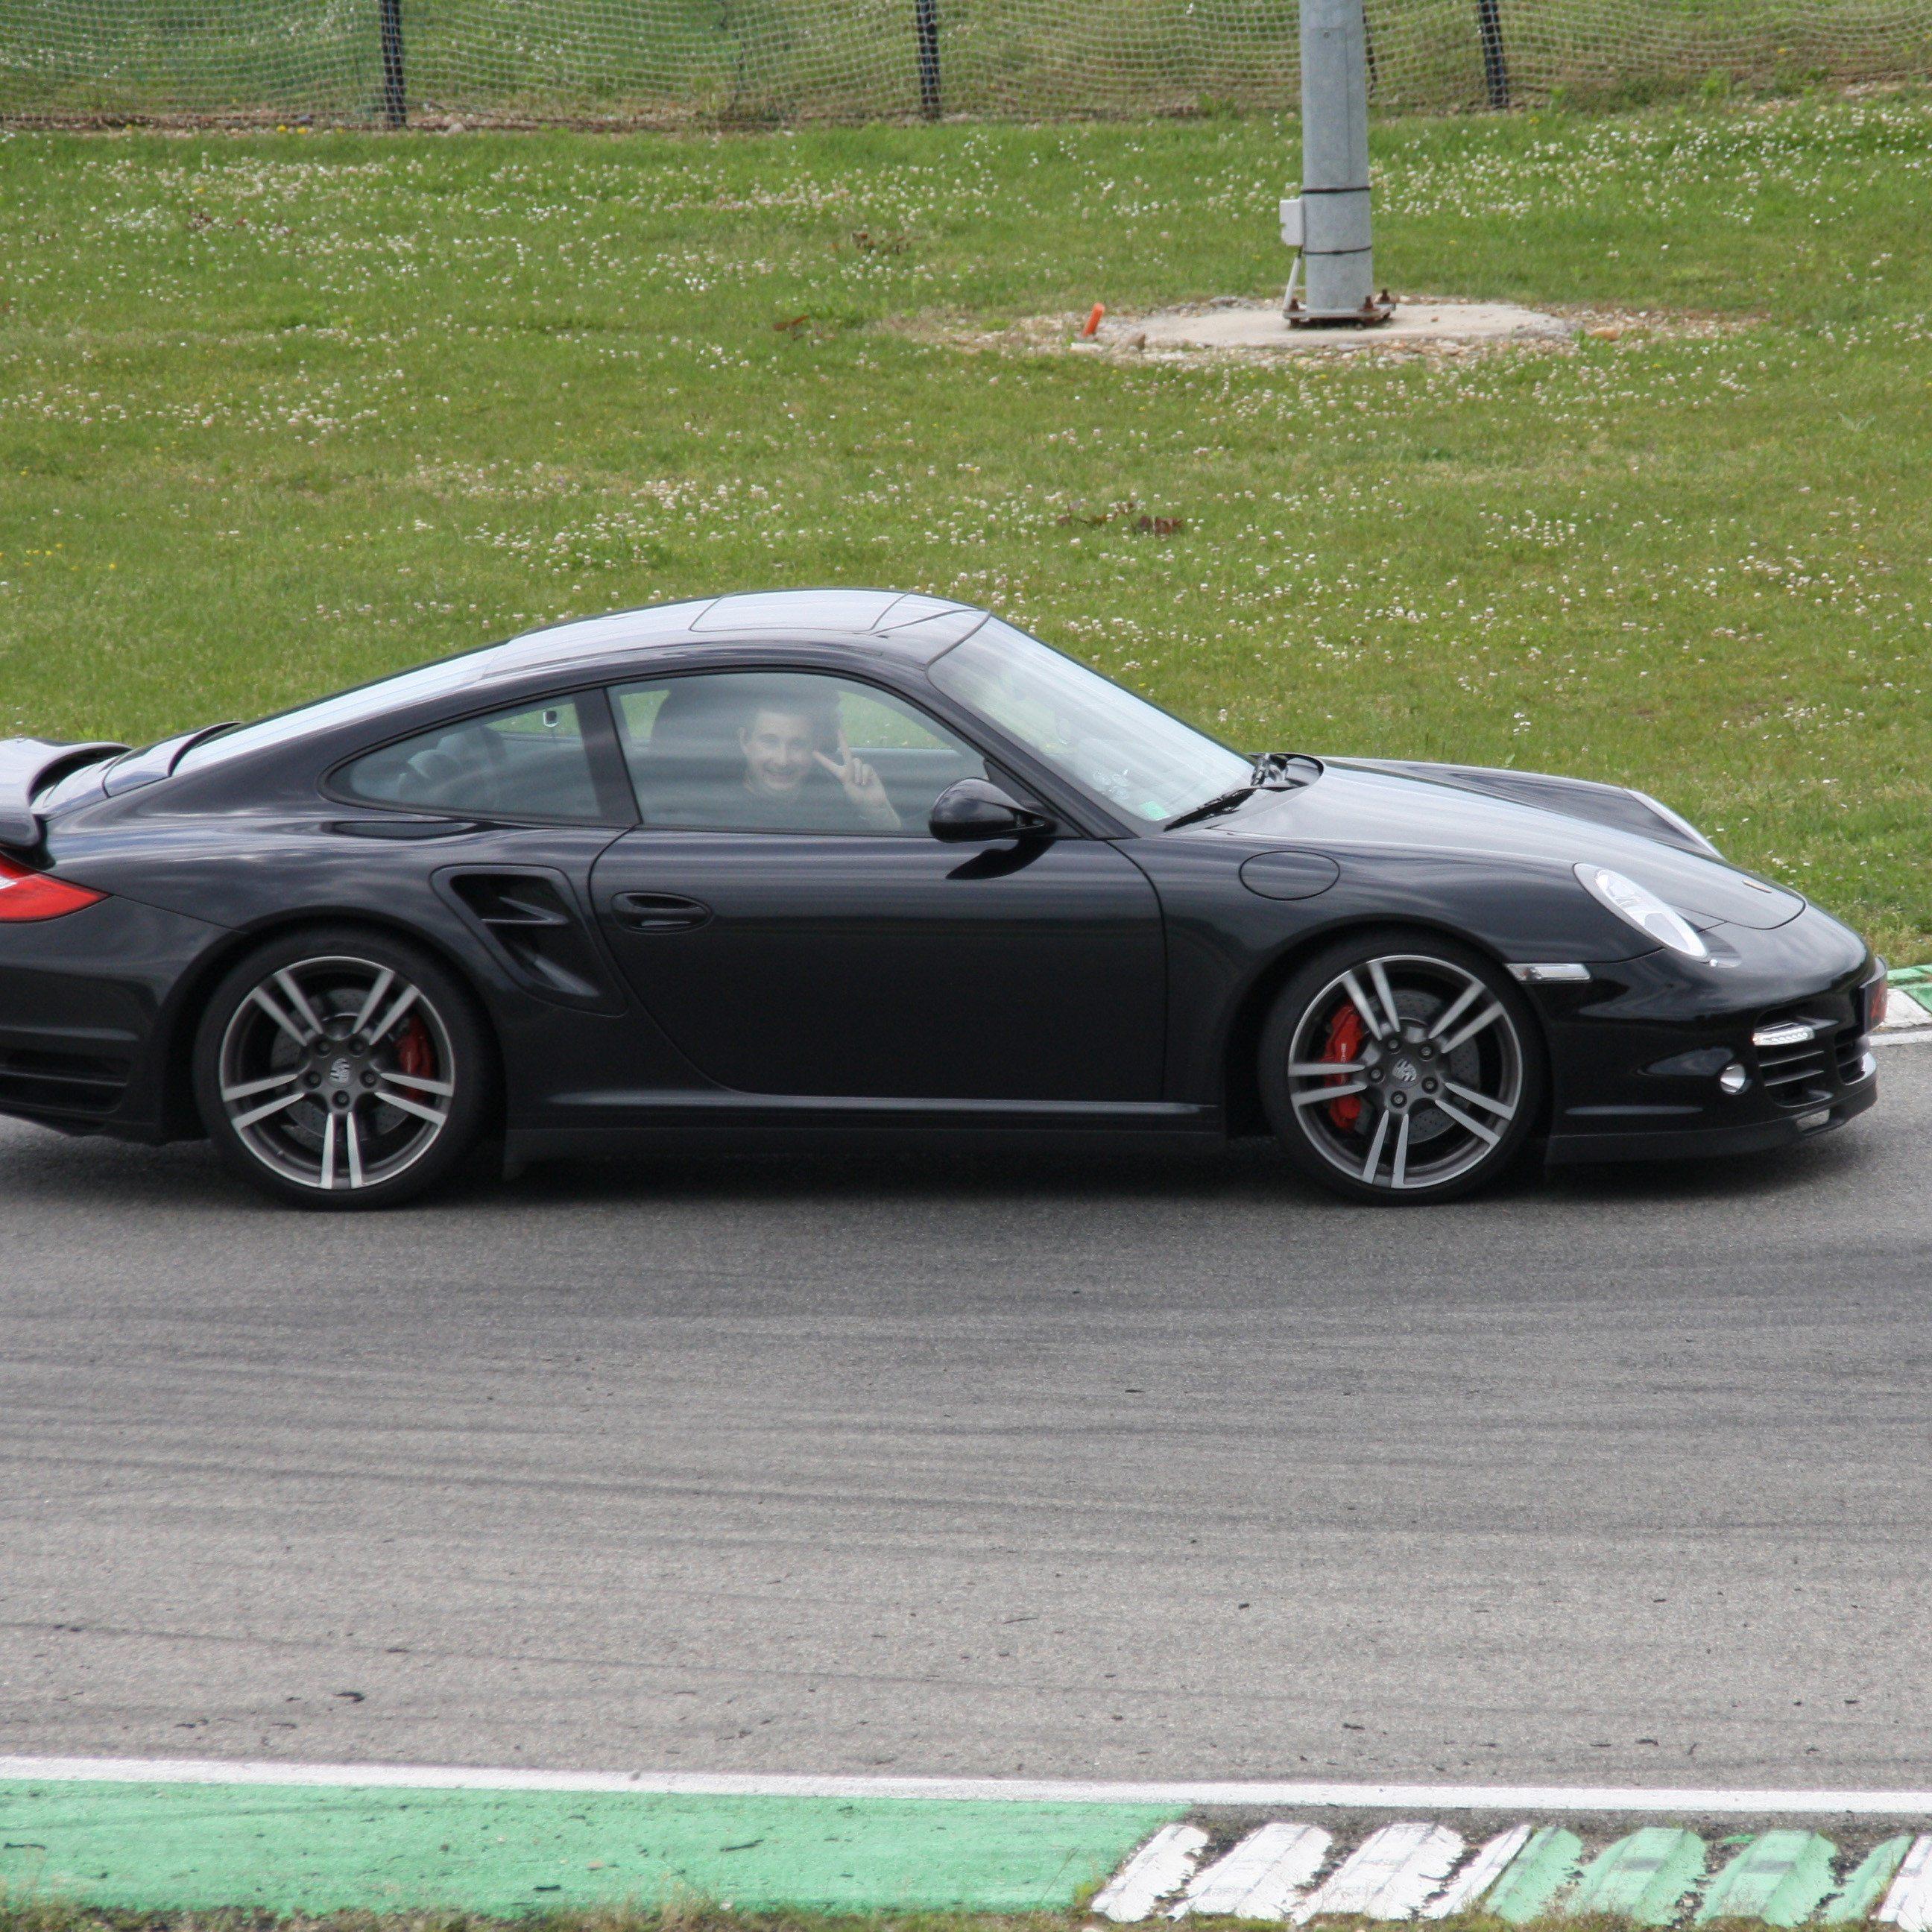 Guida una Porsche 997 BiTurbo da 99 € - Lombardore (TO) - 3